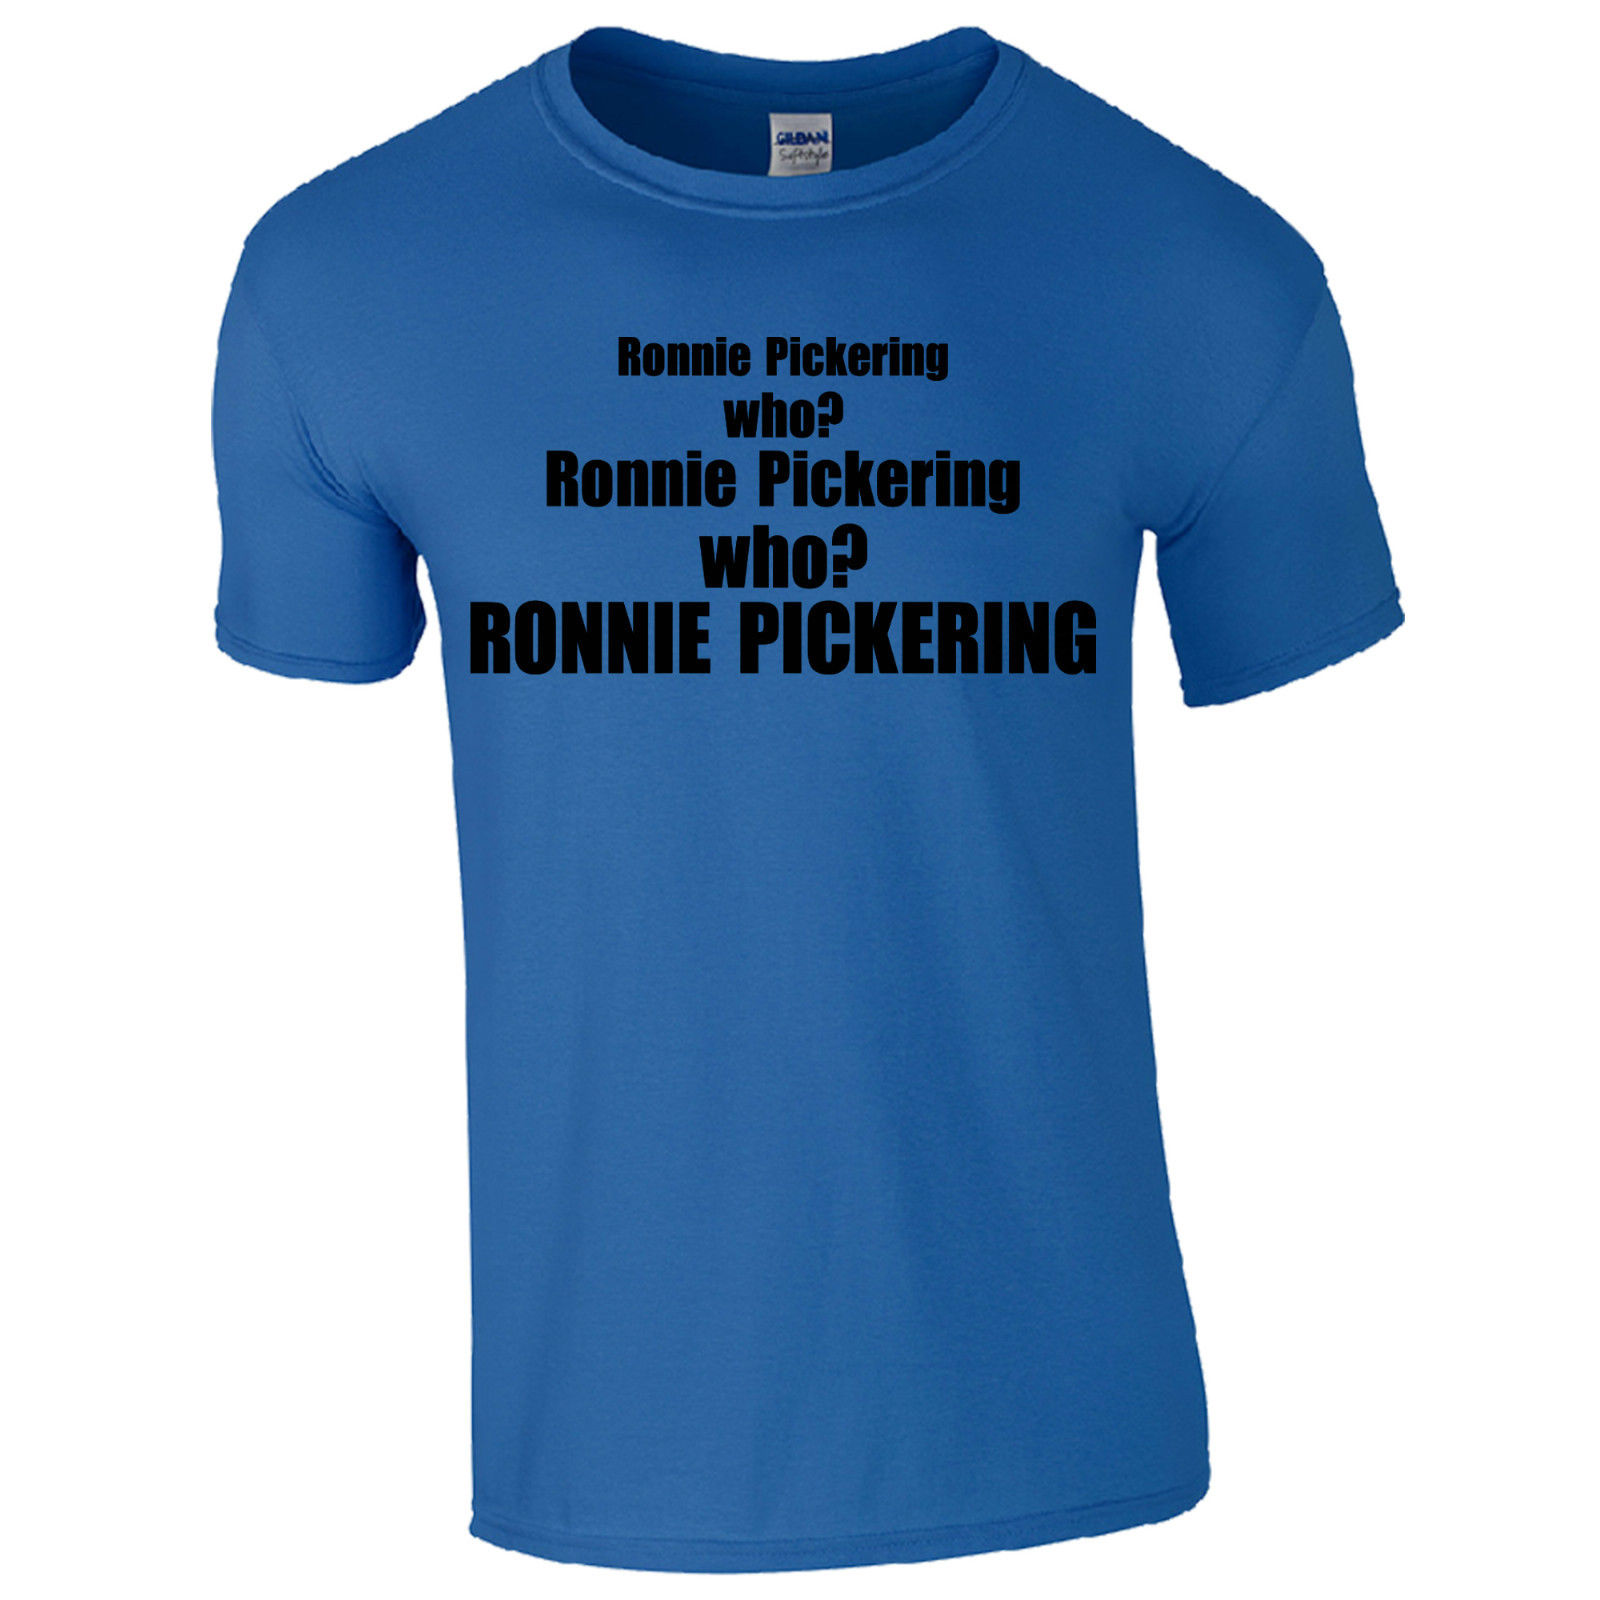 Забавная футболка Стиль хлопок Для мужчин с круглым вырезом ronnie Пикеринг кто? Youtube лоза видео Remix топ с коротким рукавом Рубашки для мальчико...